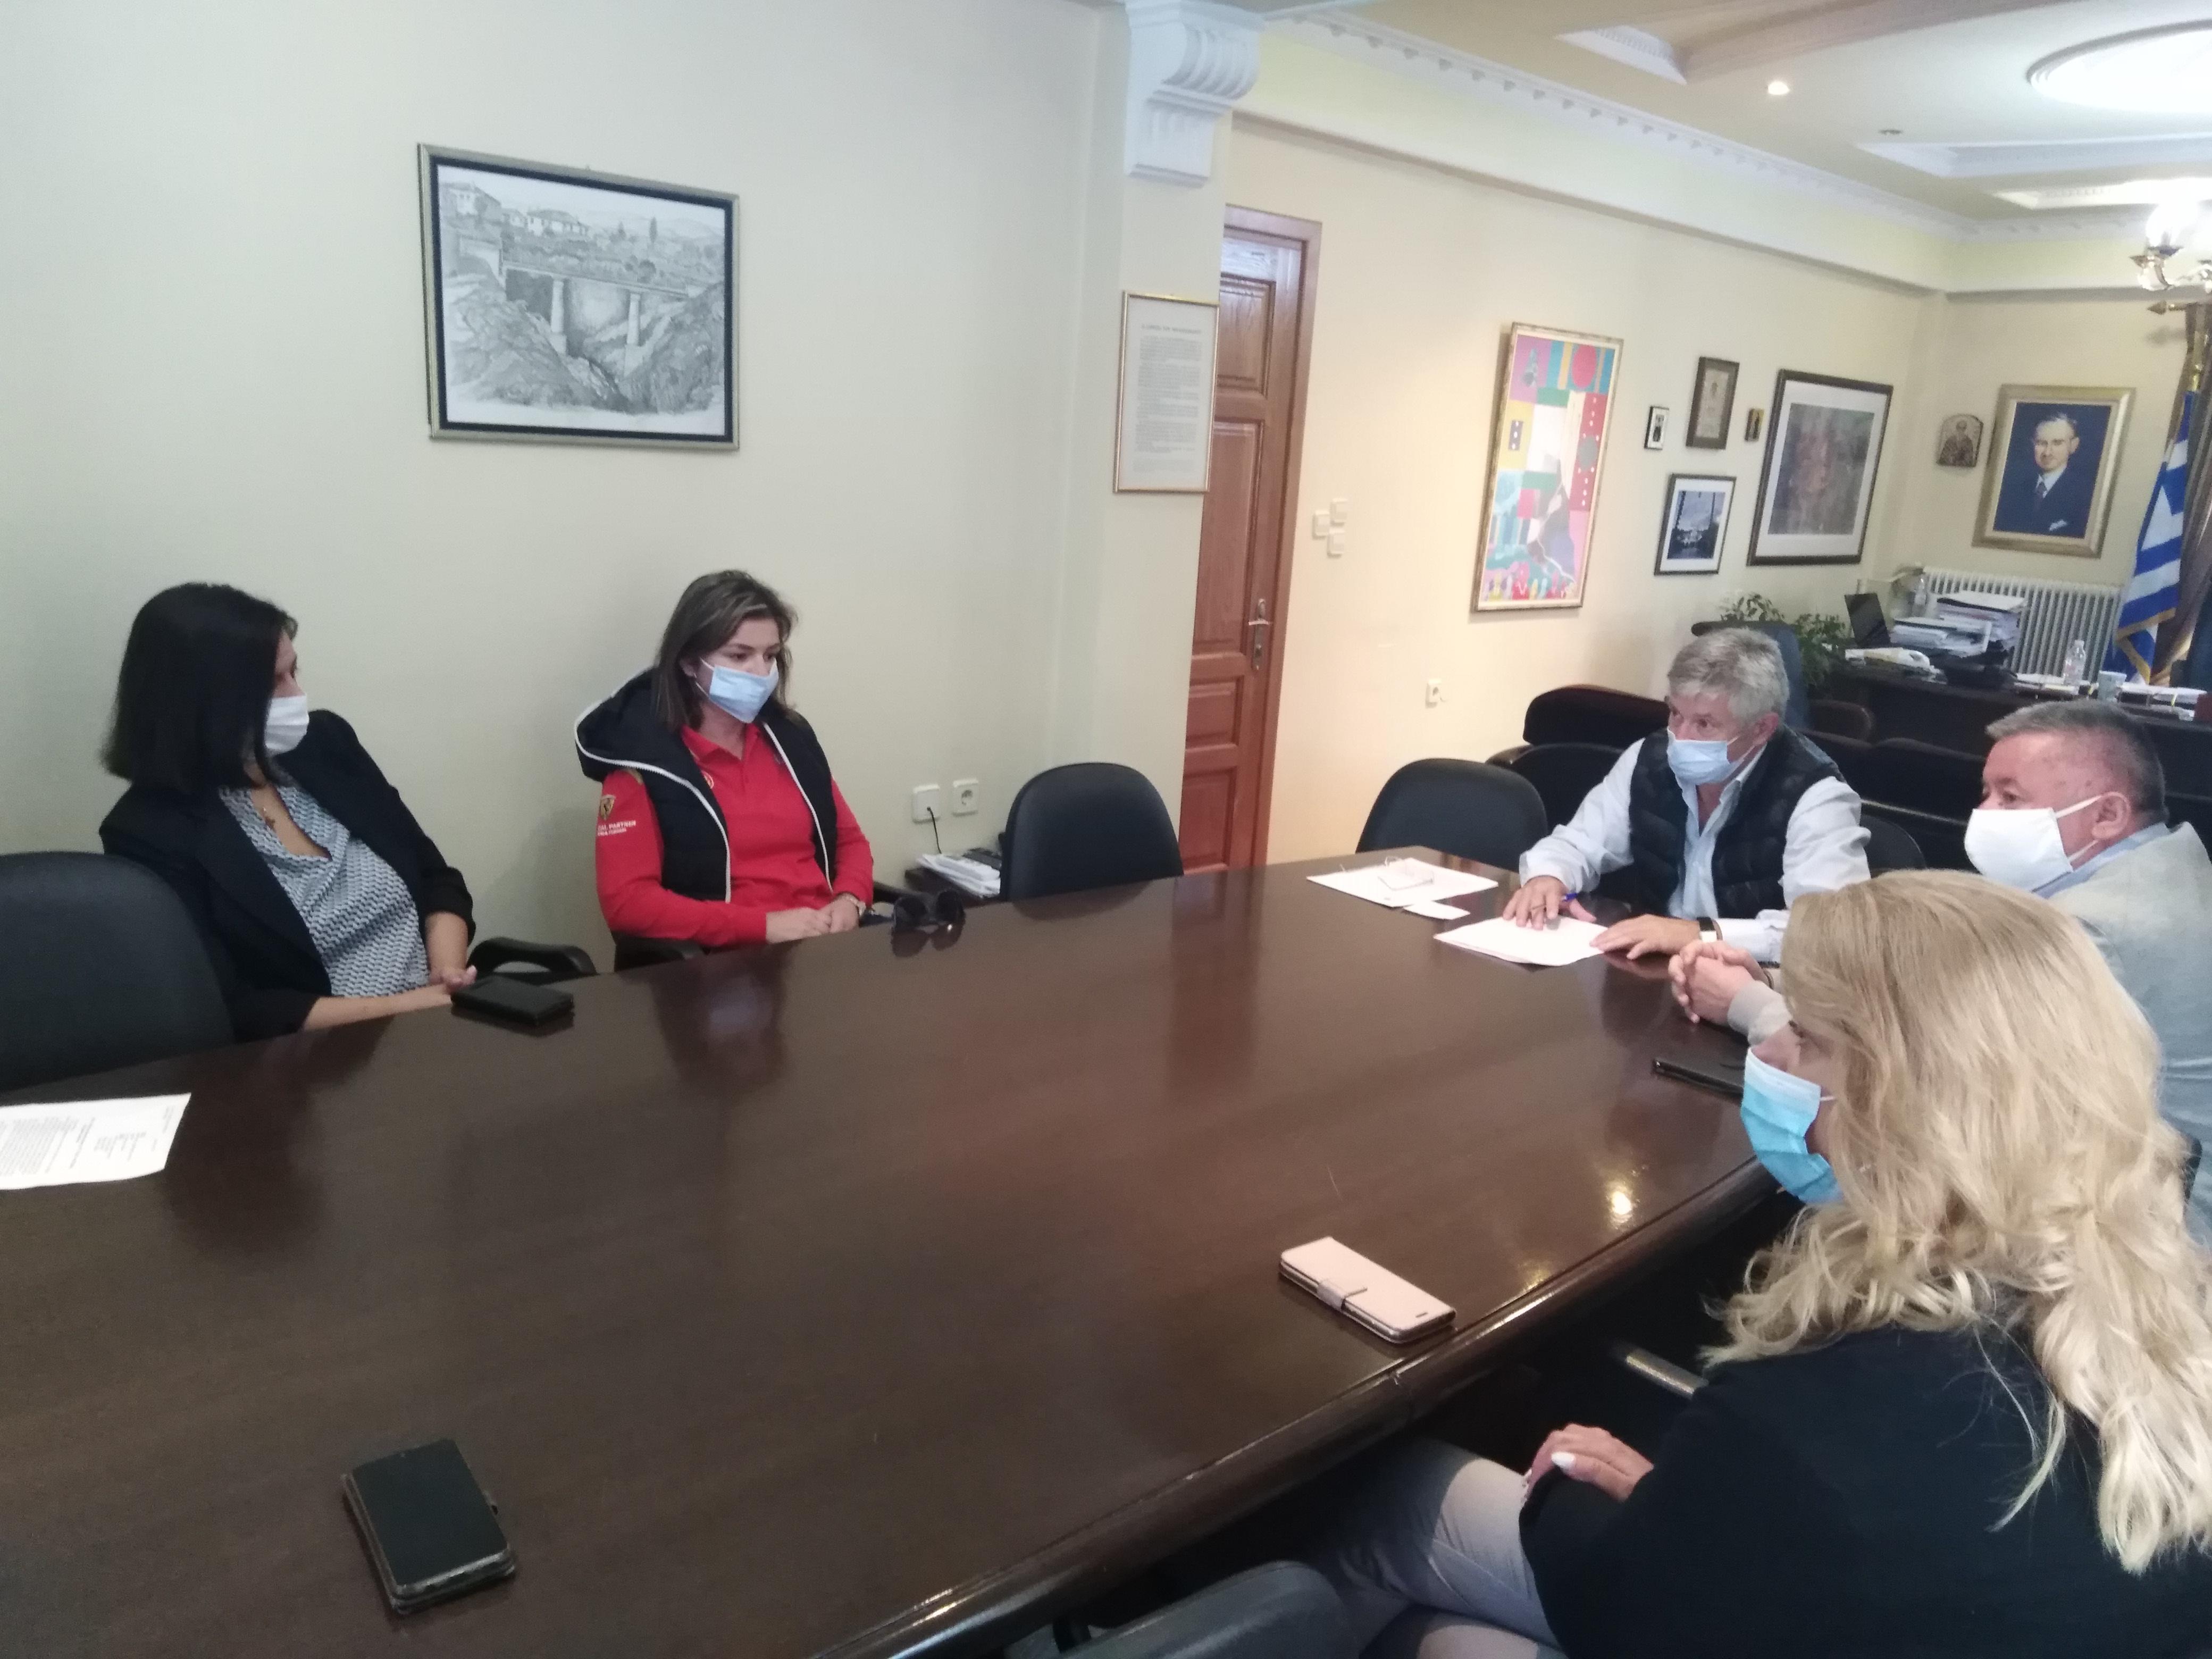 Συνάντηση του Συλλόγου Γονέων και Κηδεμόνων Γυμνασίου Δεσκάτης με τον Δήμαρχο Κορδίλα Δημήτριο